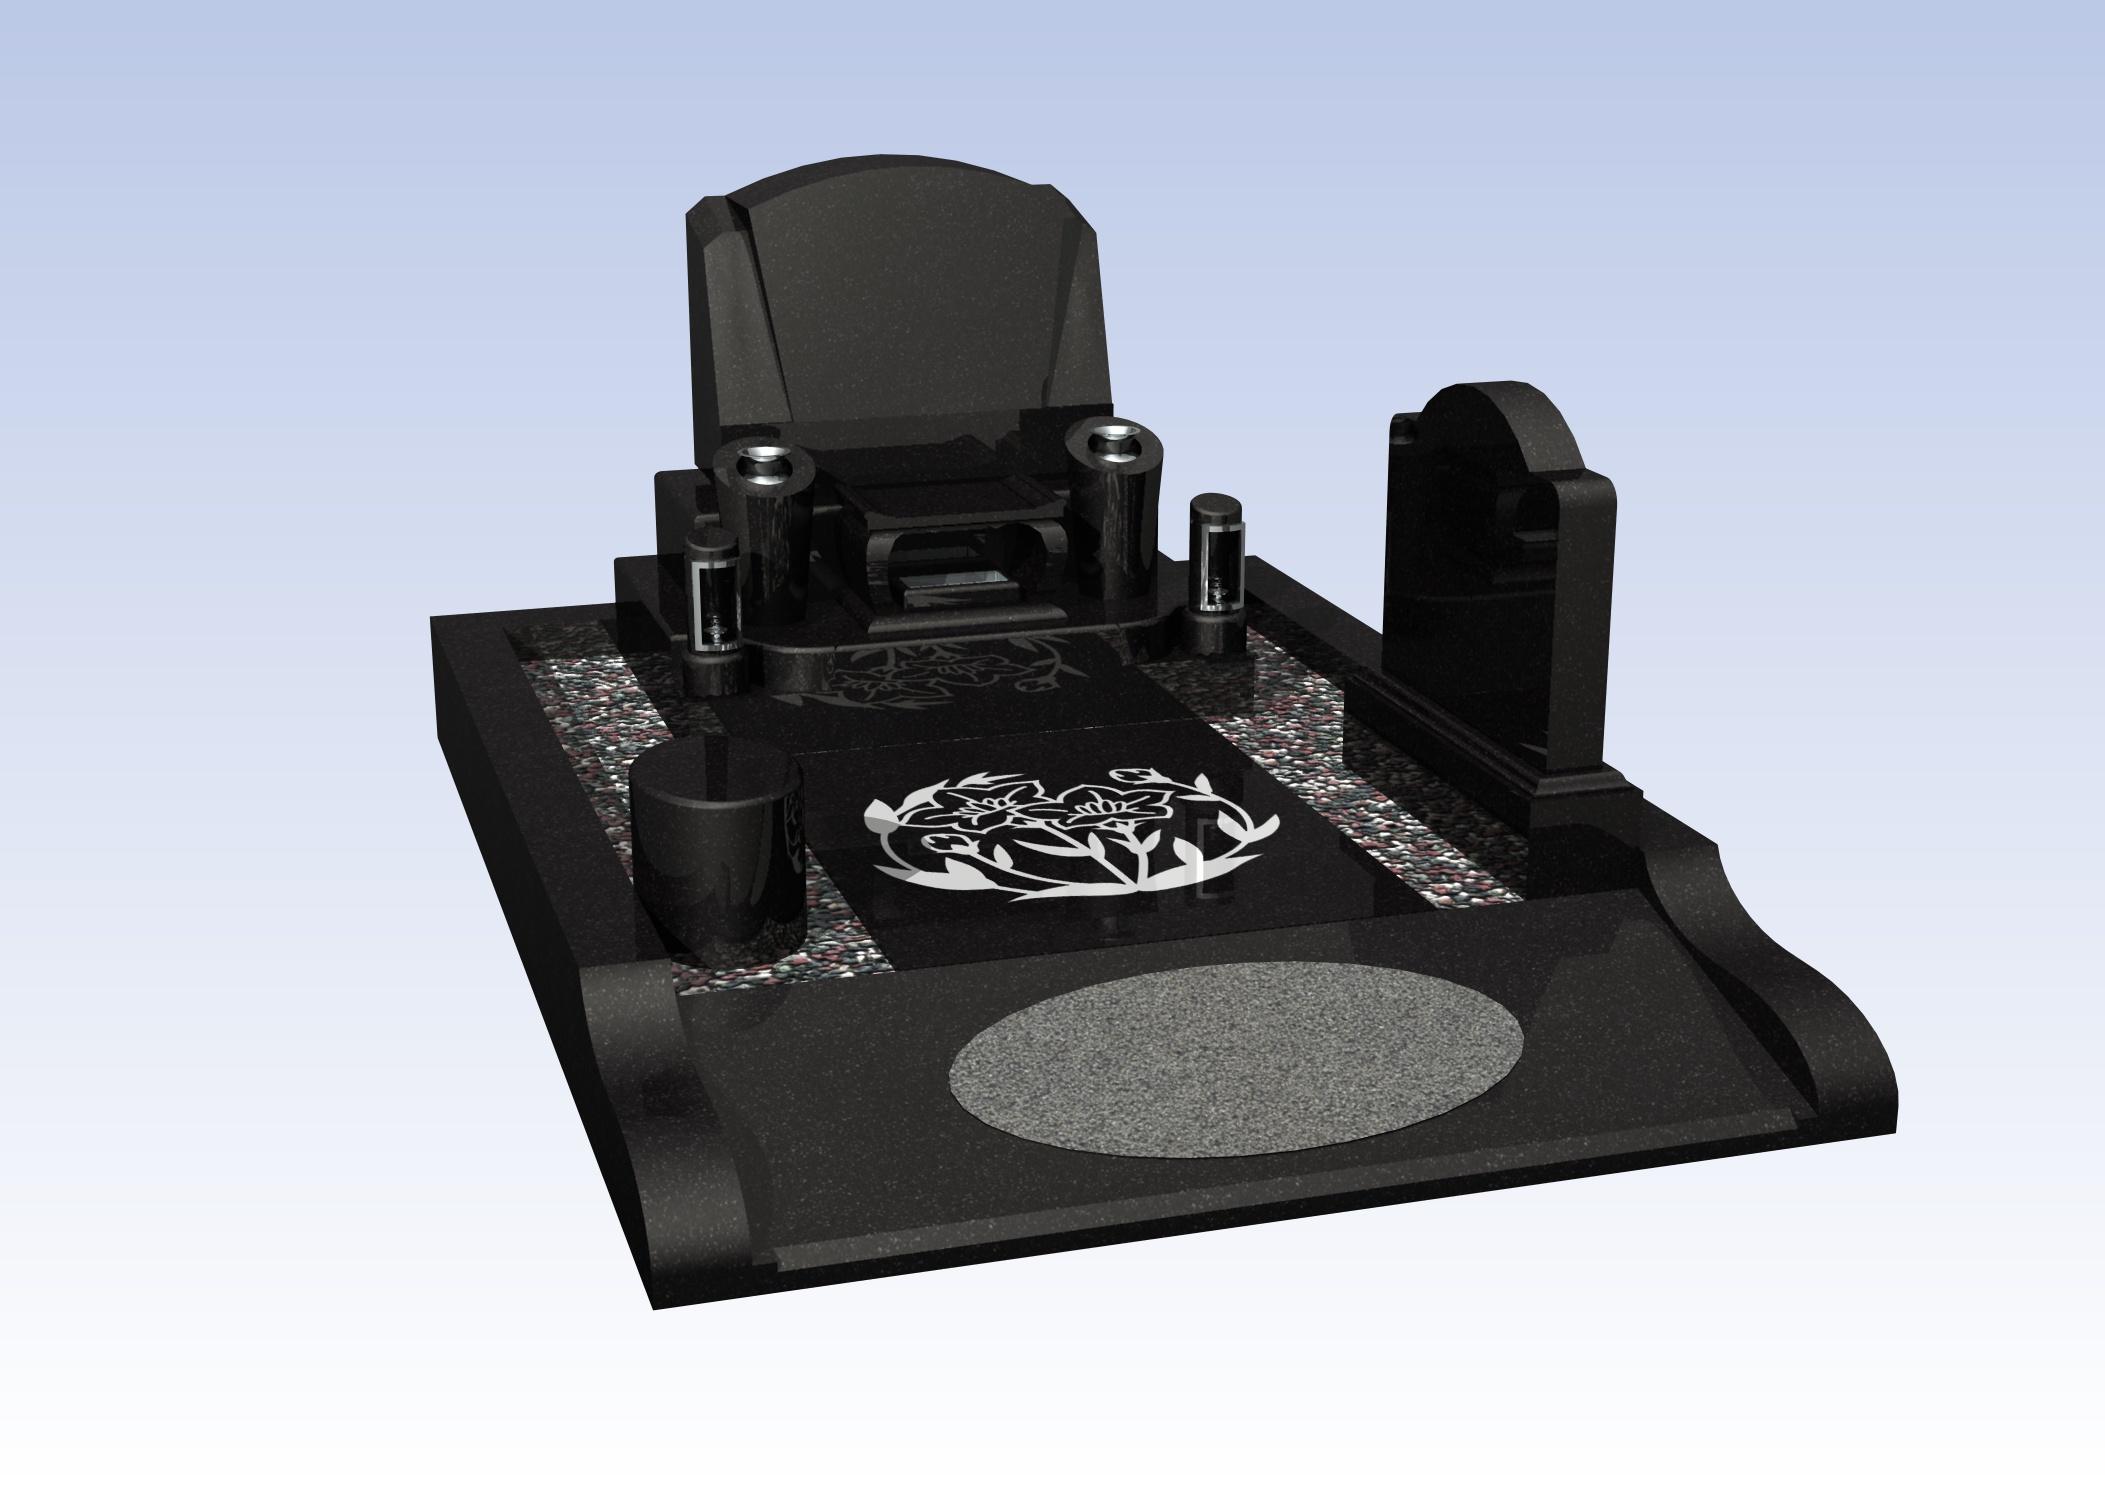 施工例洋型デザイン3-20 堺市霊園(鉢ヶ峰公園墓地)のBefore画像